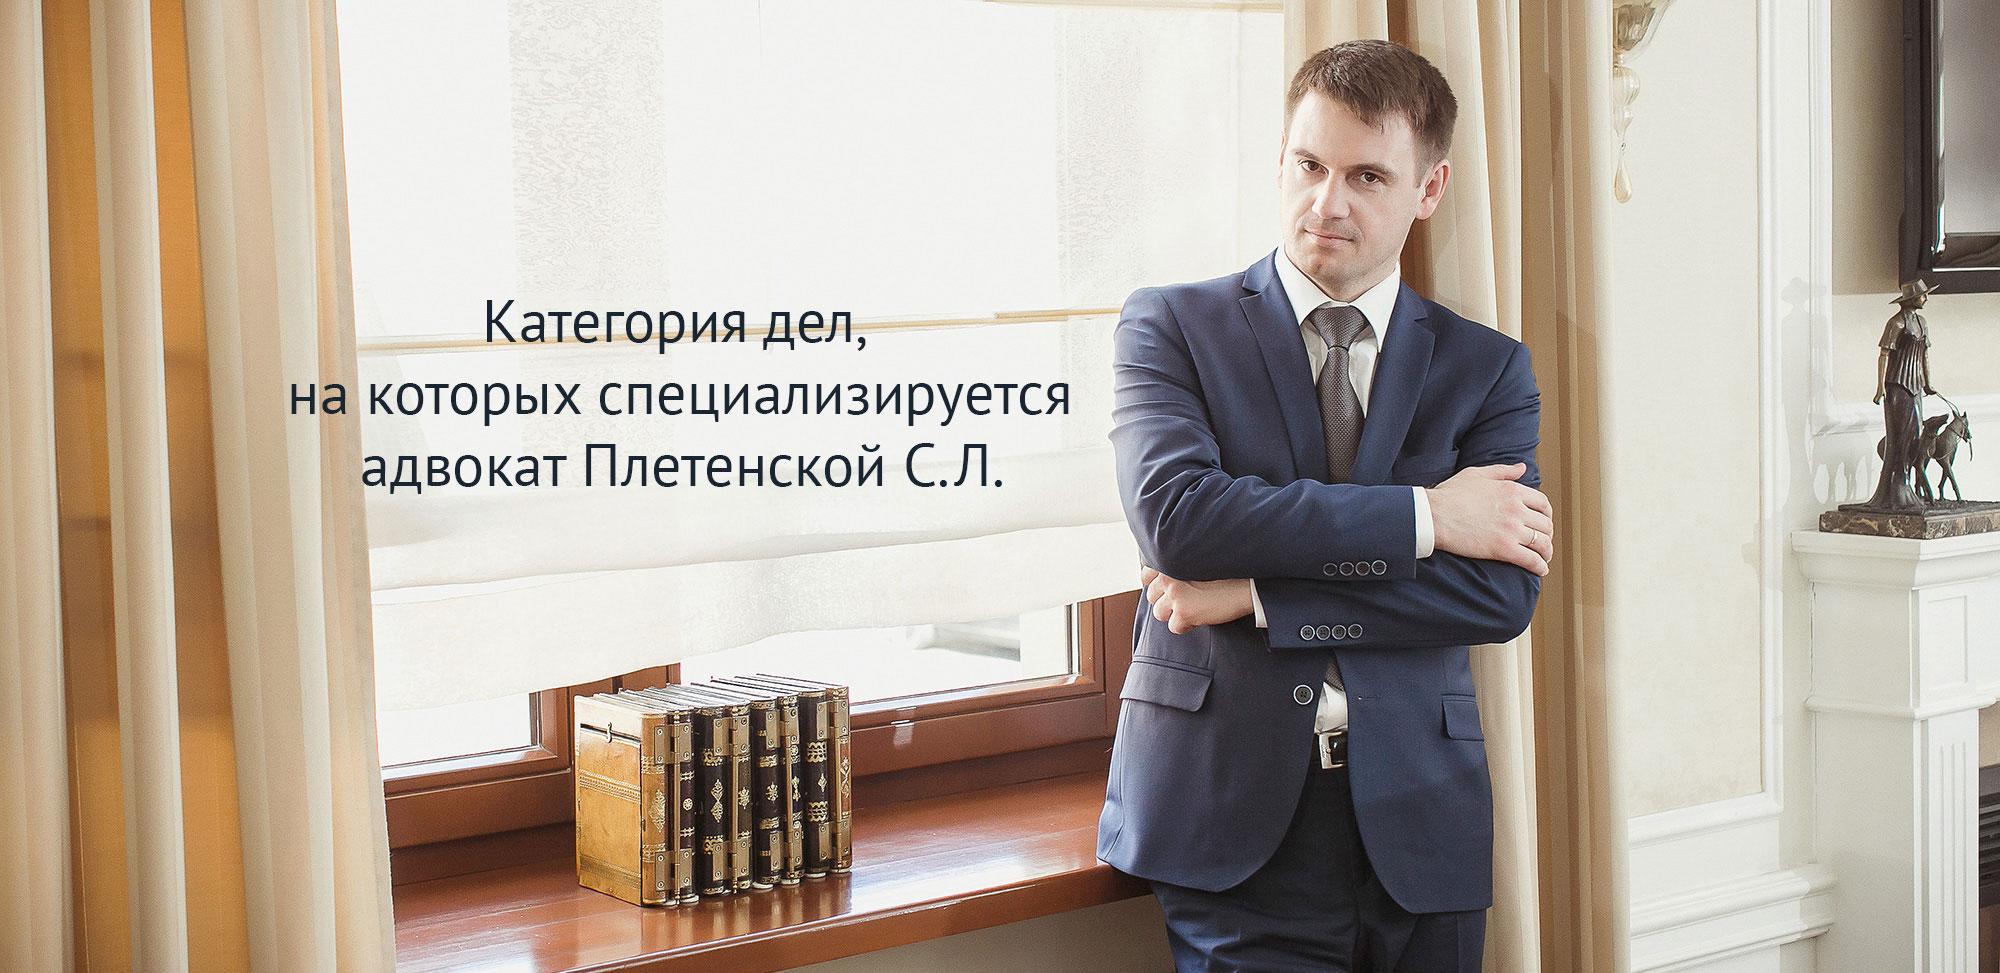 Плетенской С.Л. специализация